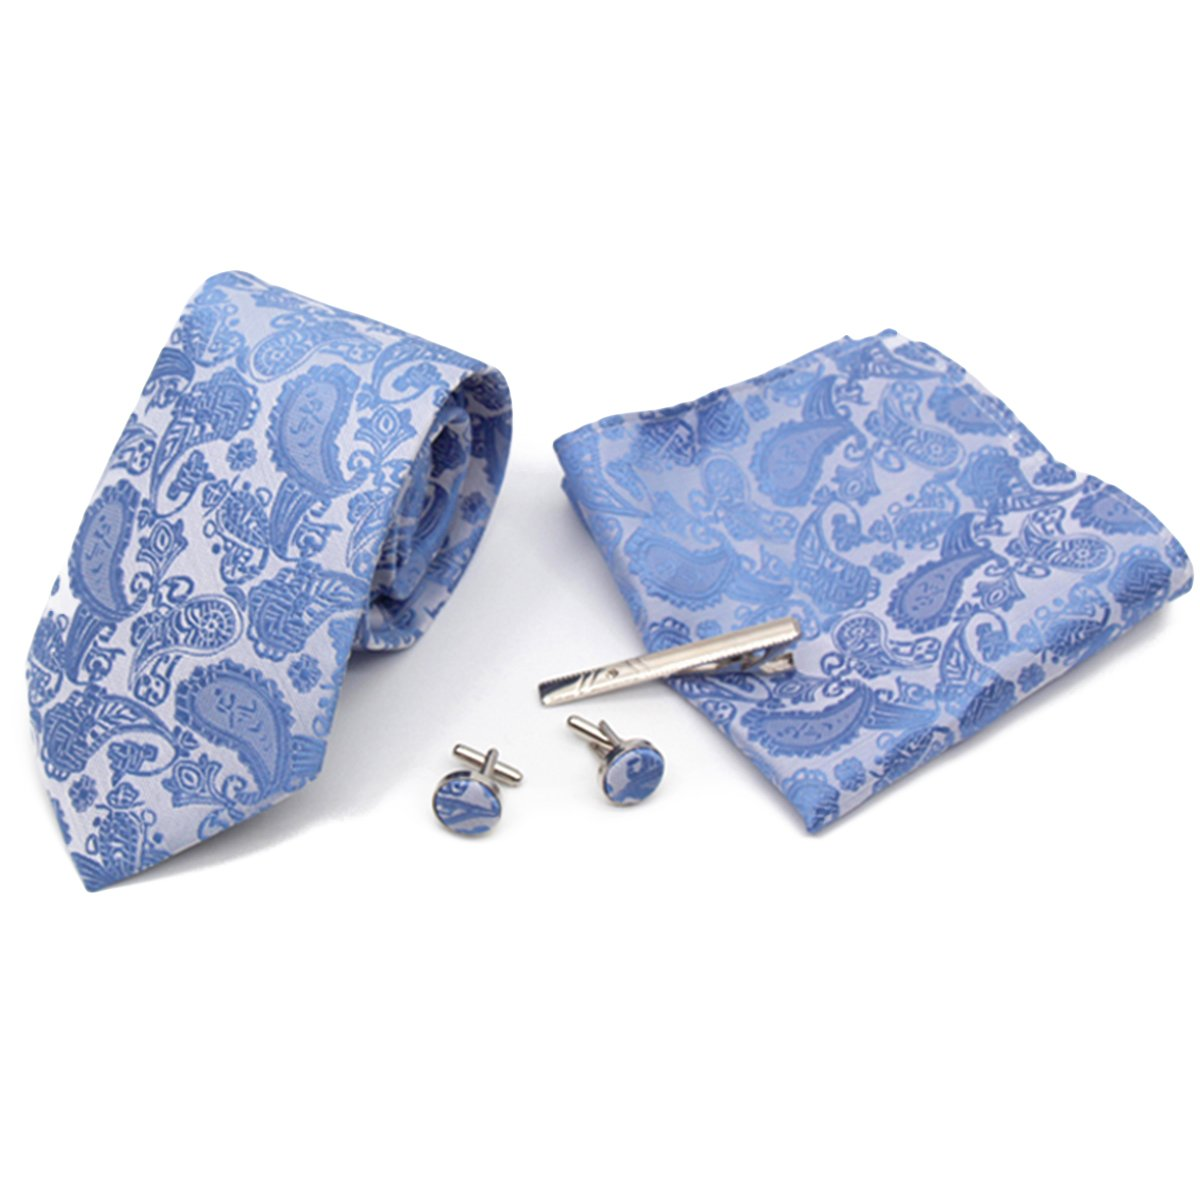 Herren Krawatte Box Set mit Einstecktuch Manschettenknöpfe und Krawattennadel Set S-TZ001